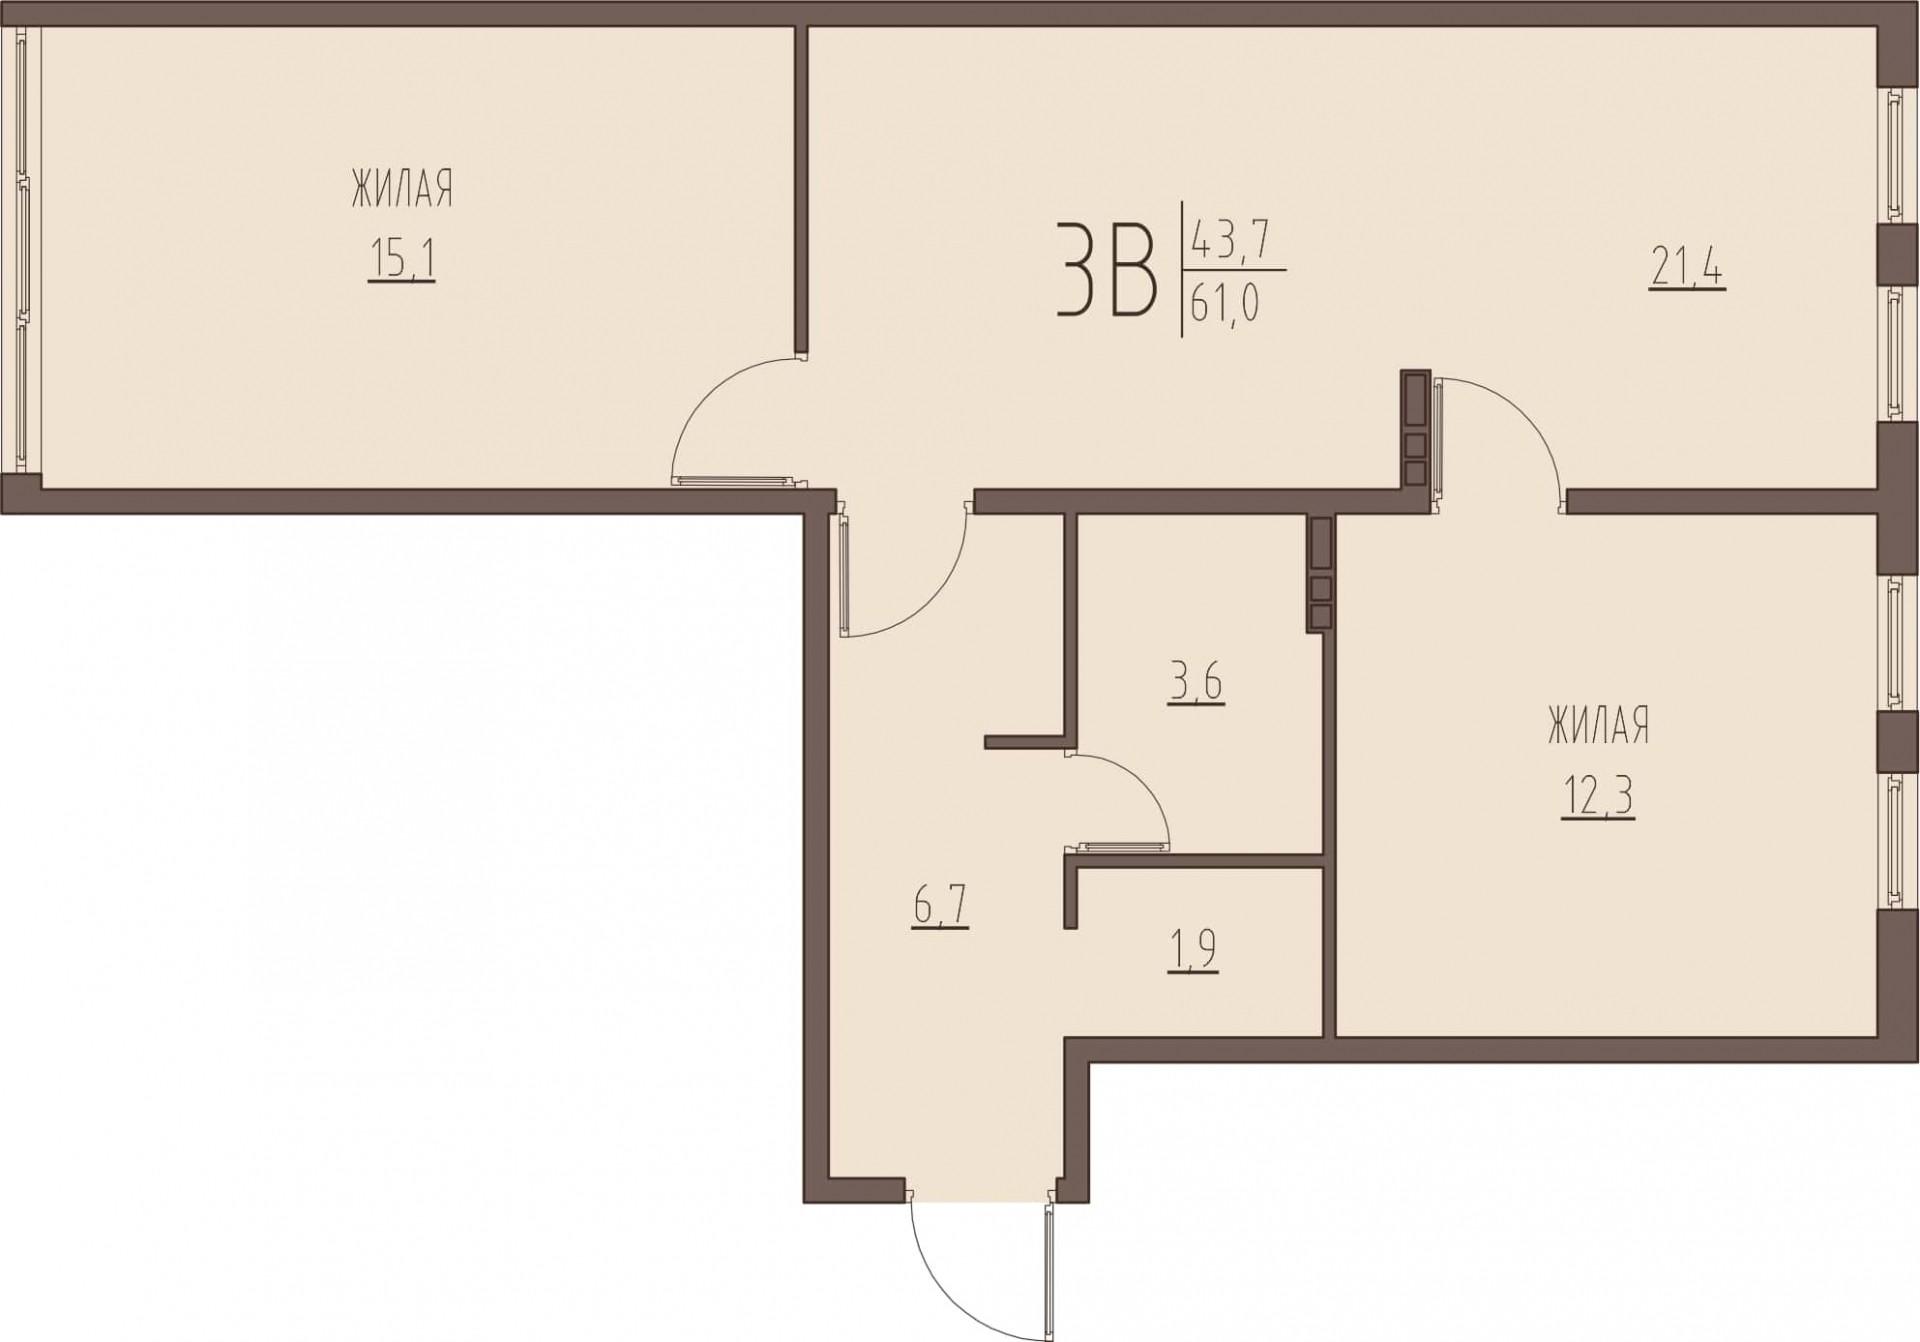 3-комнатная квартира 61 м² с просторной кухней-гостиной и раздельным санузлом